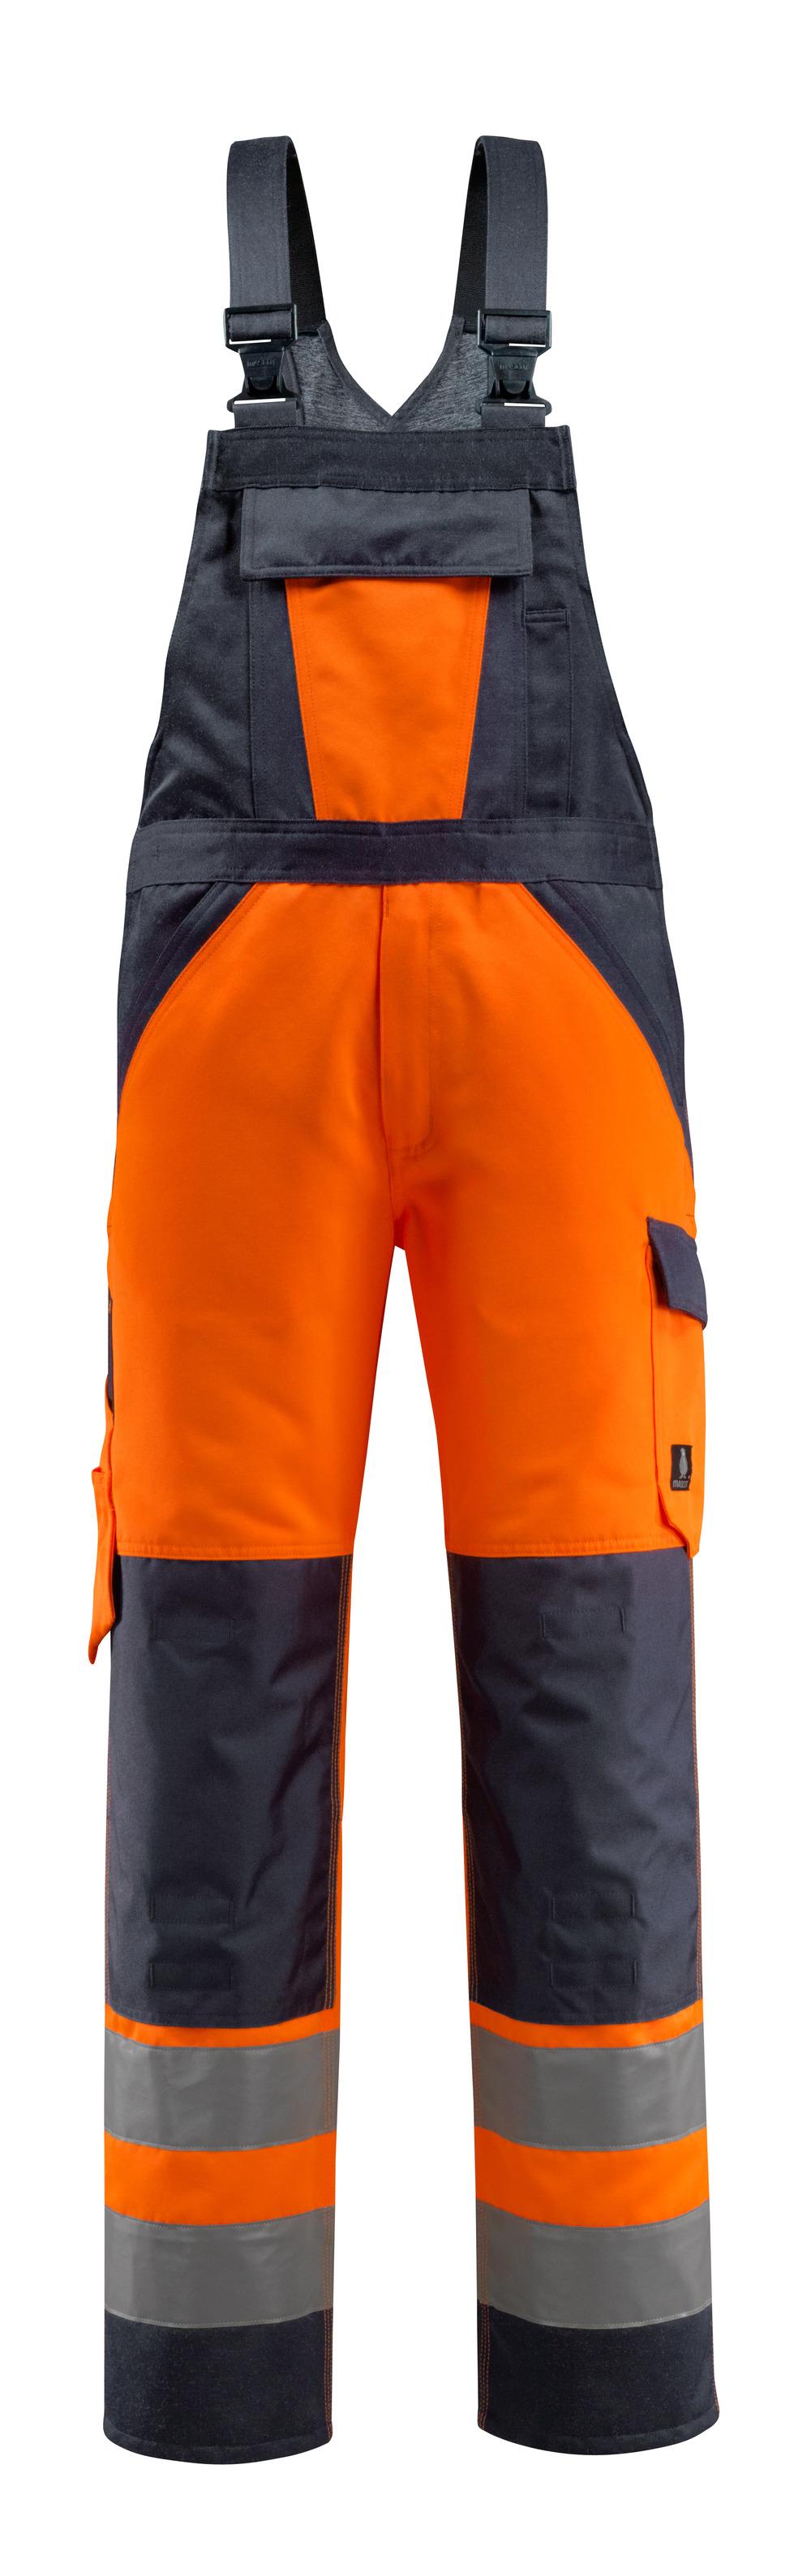 15969-948-14010 Amerikaanse overall met kniezakken - hi-vis oranje/donkermarine